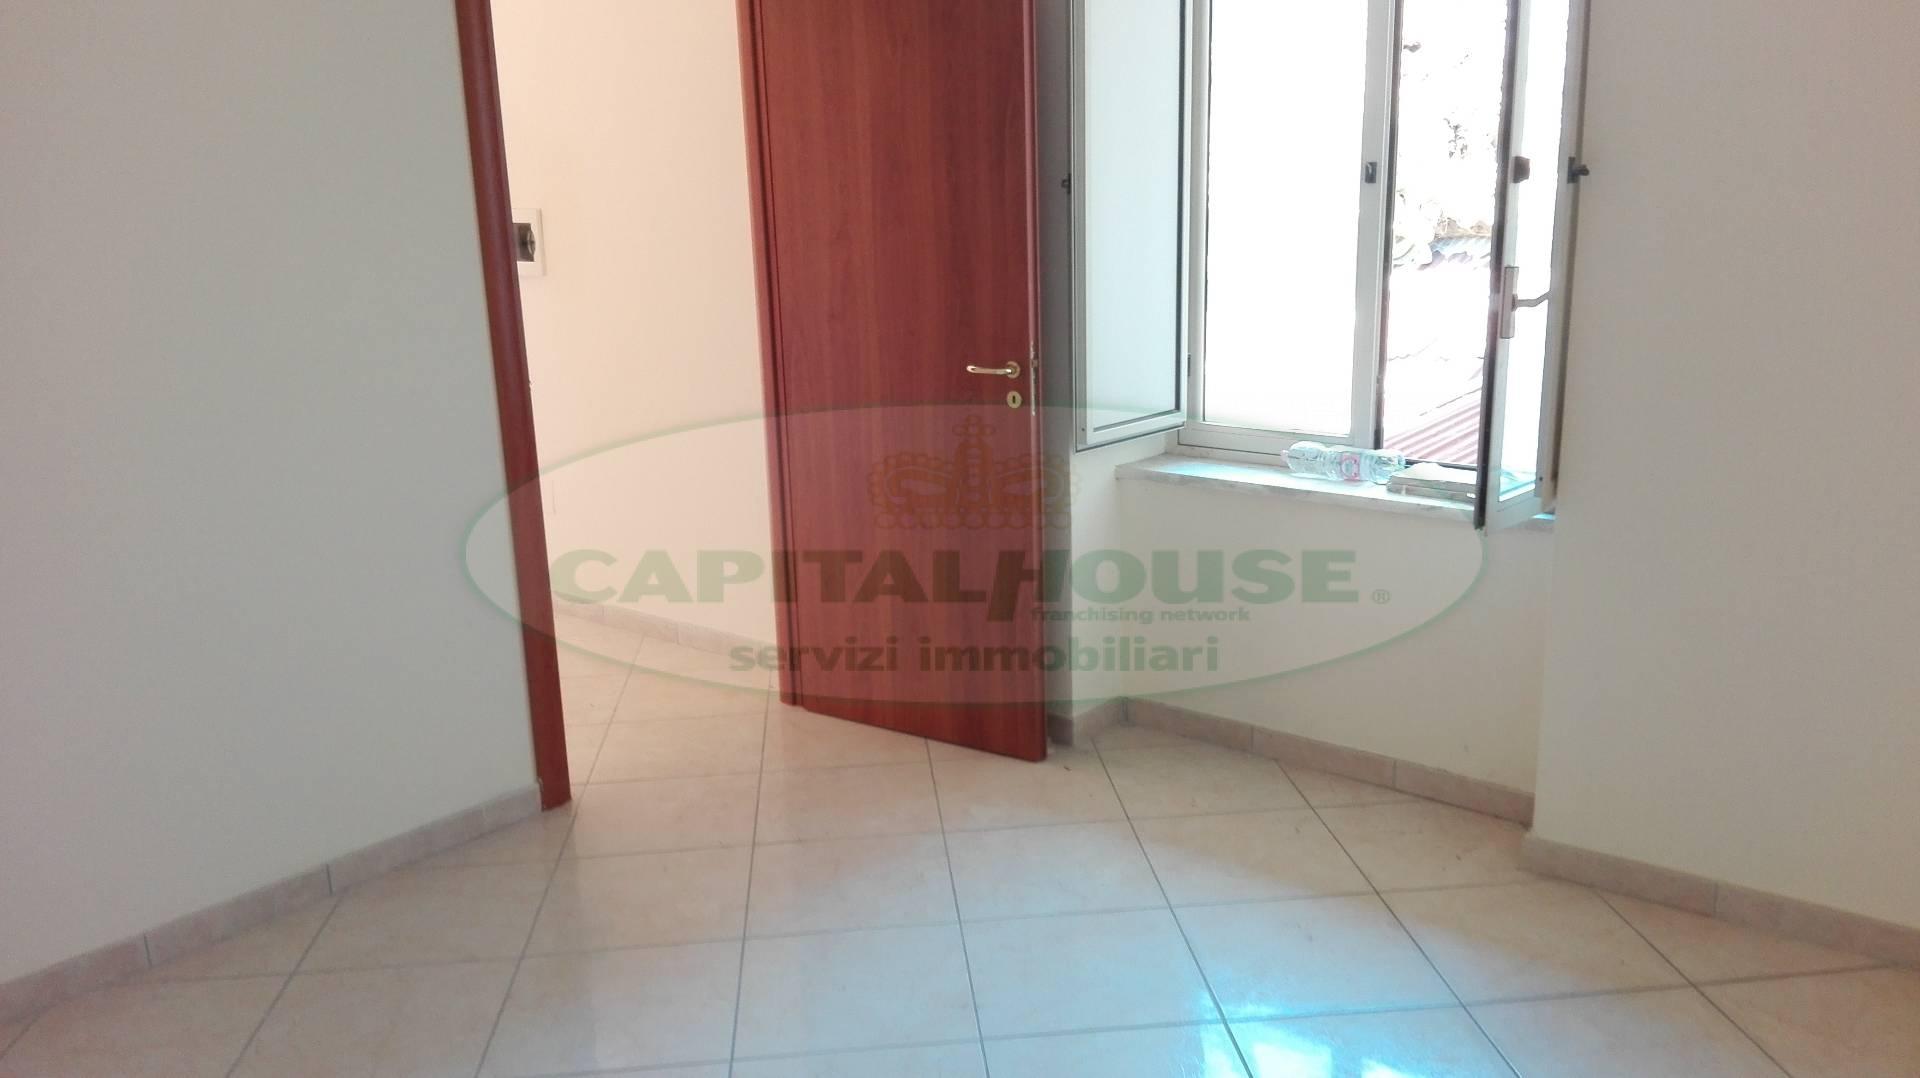 Appartamento in vendita a Macerata Campania, 2 locali, zona Zona: Caturano, prezzo € 39.000 | Cambio Casa.it